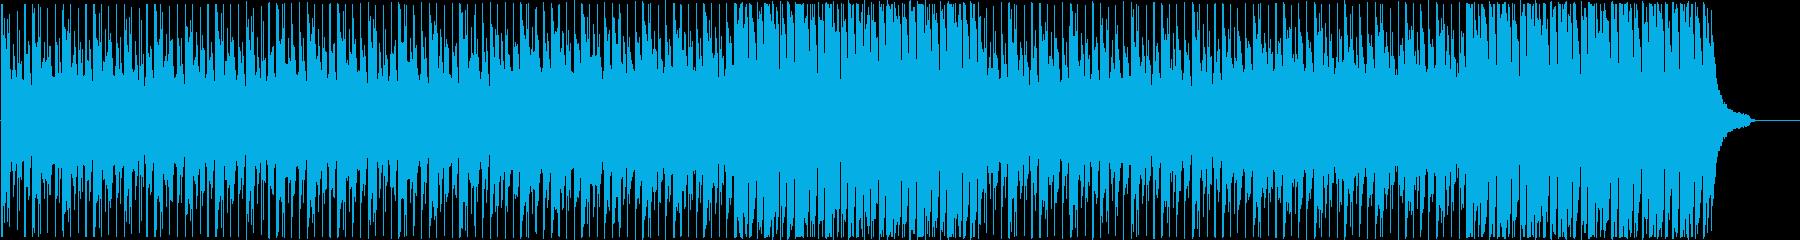 企業VPなどに わくわくドキドキな楽曲の再生済みの波形